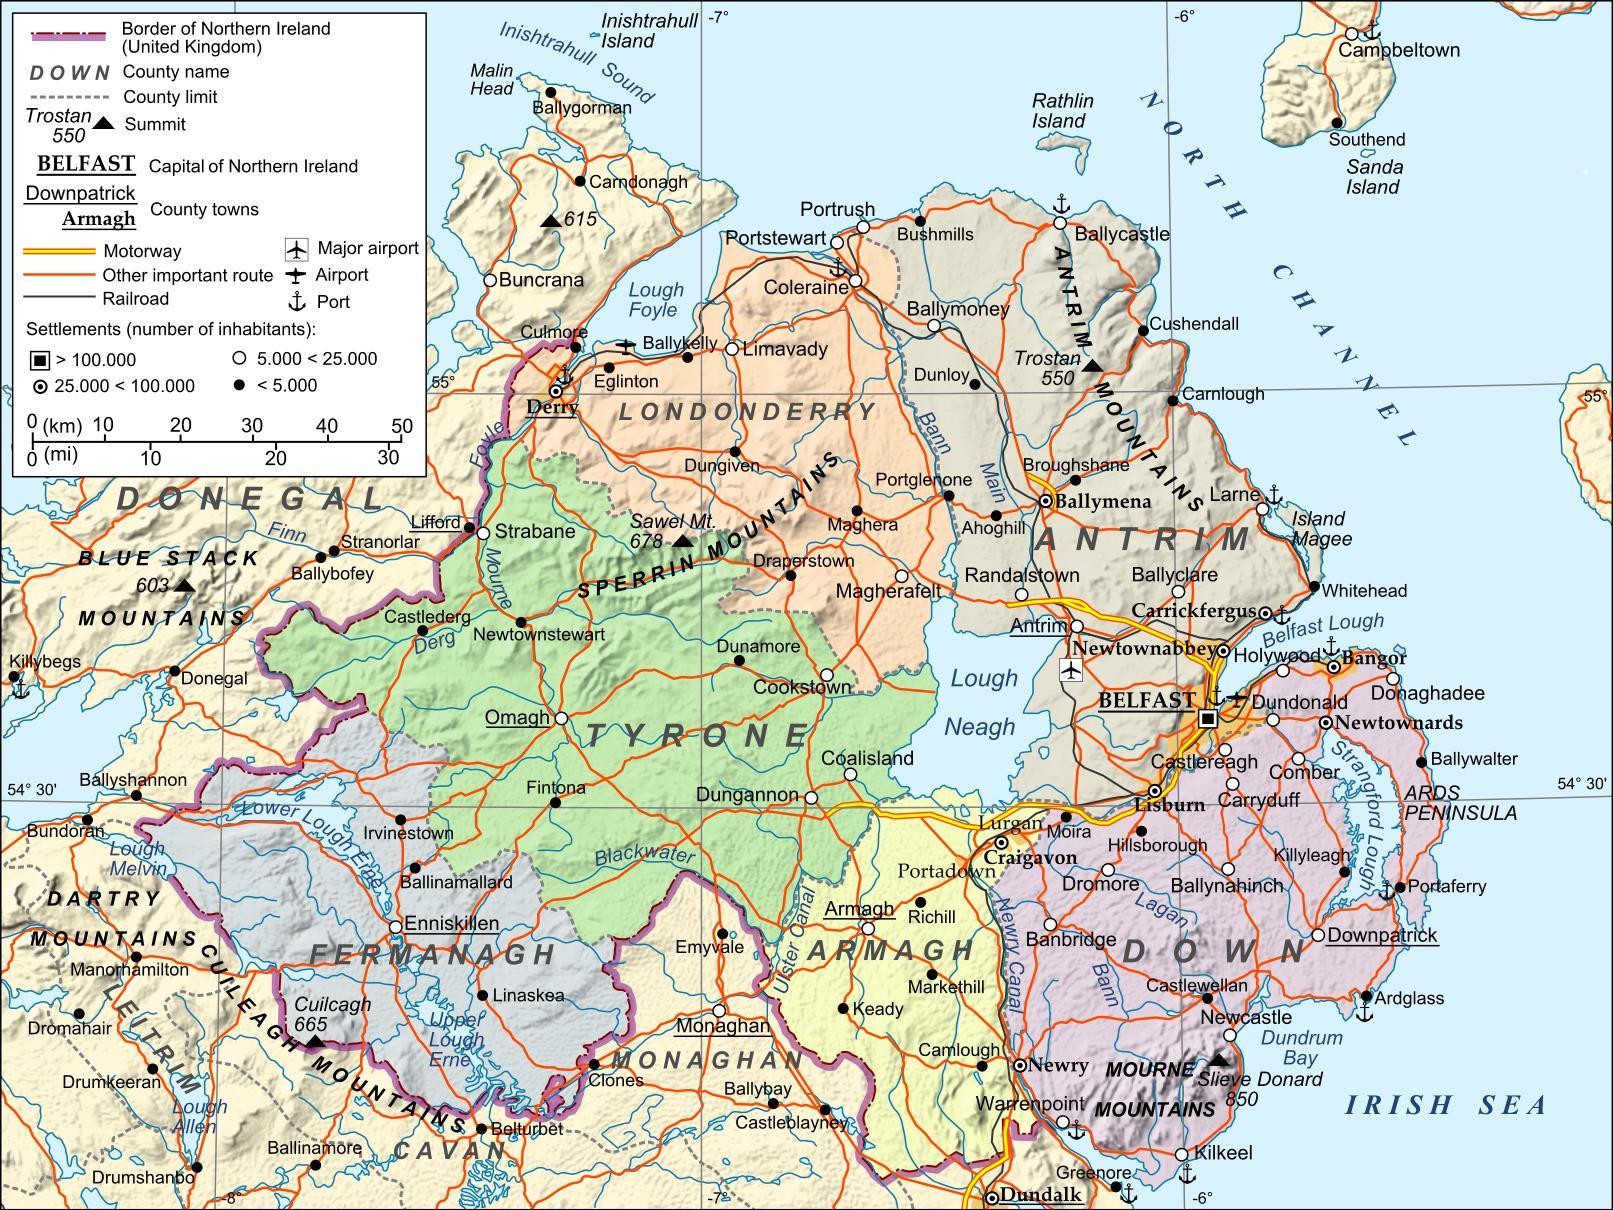 Mapa Irlanda Del Norte.Aeropuertos En Irlanda Del Norte Mapa Mapa De Los